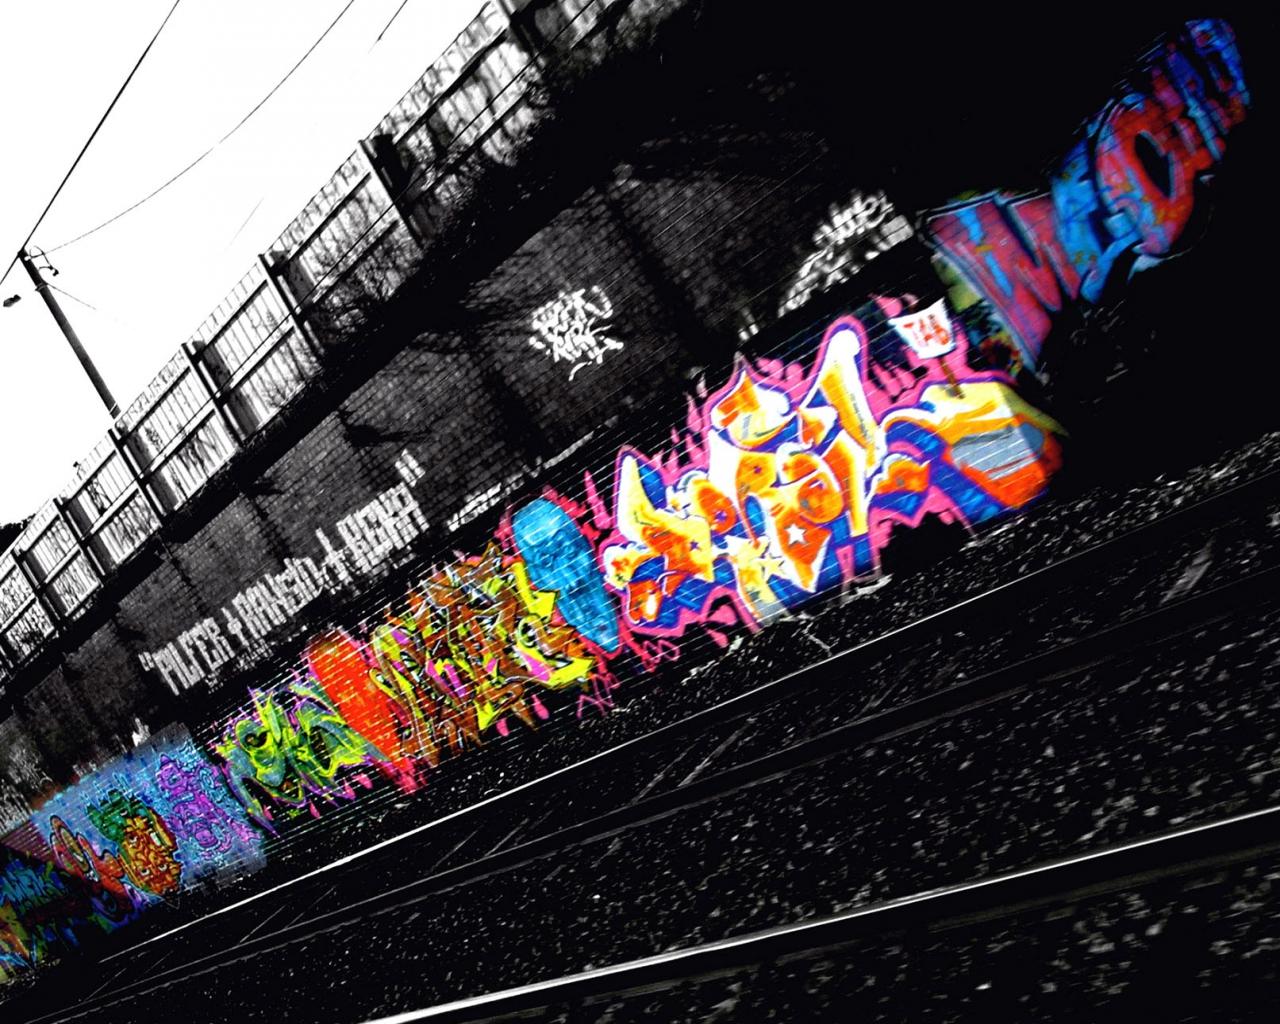 http://2.bp.blogspot.com/-SplYLG0To3s/T92XCFdmoJI/AAAAAAAAG-U/JgaaXPUdRcE/s1600/Graffiti+Wallpaper+020.jpg